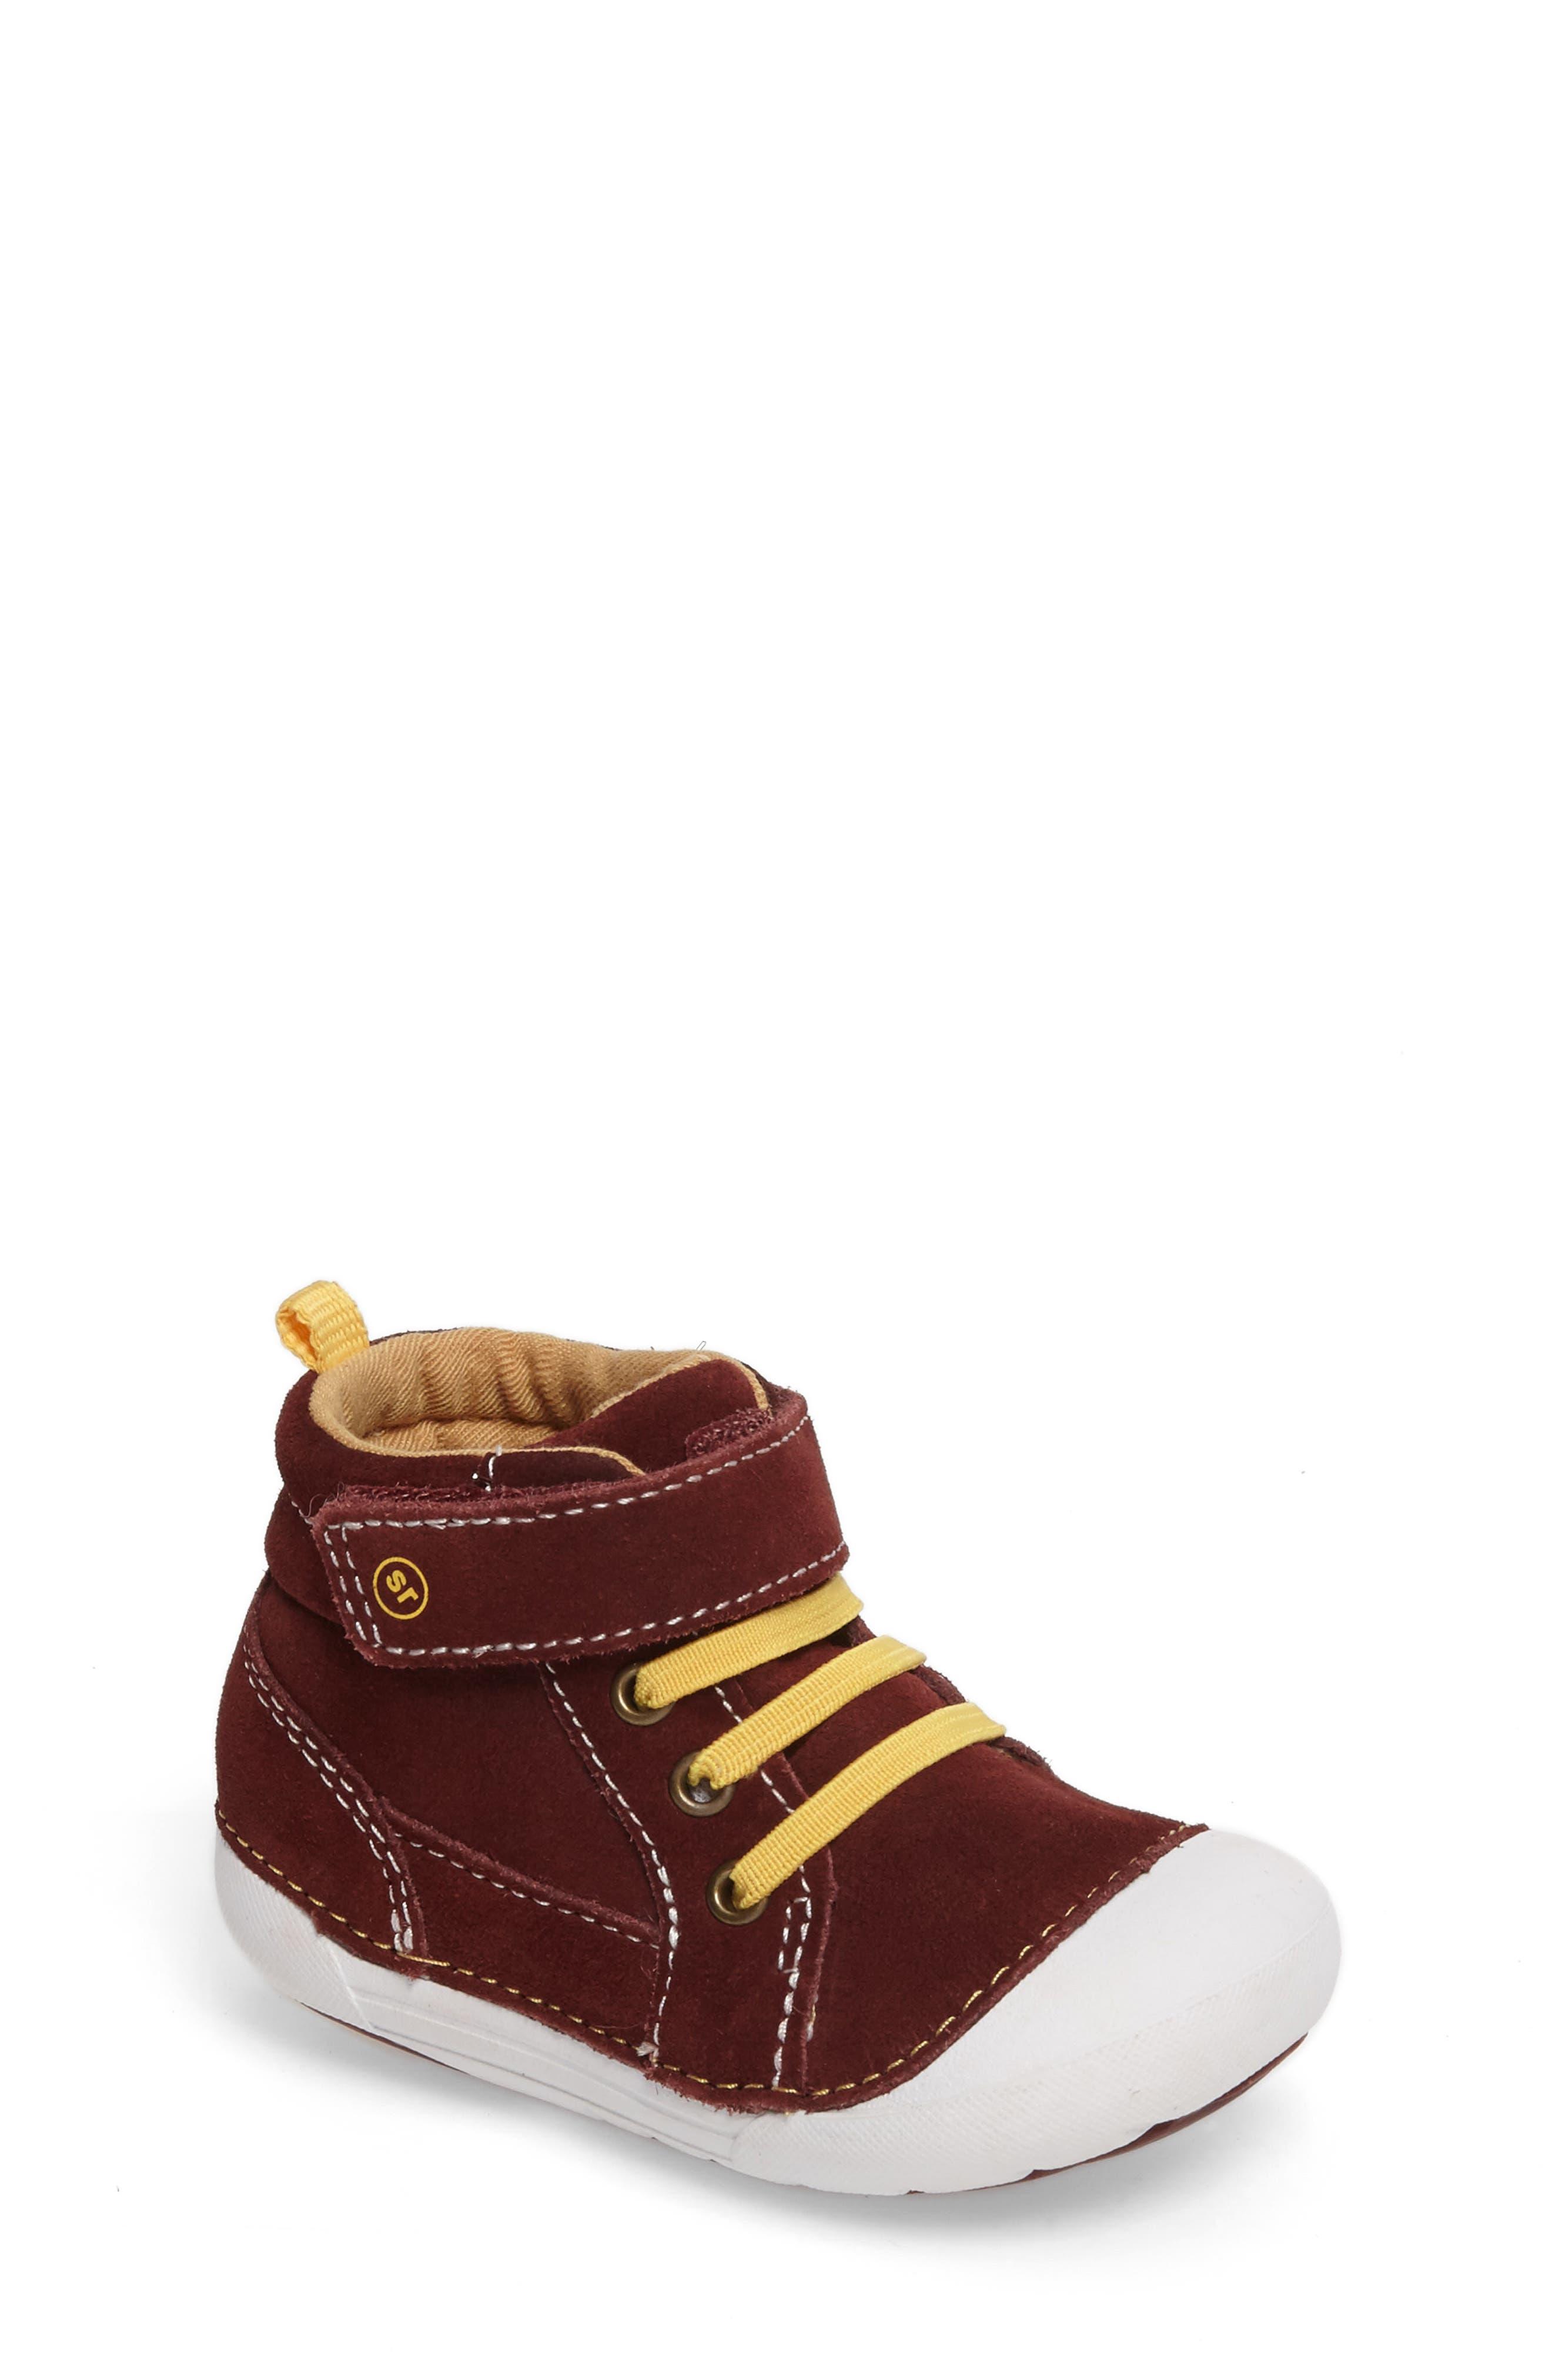 Stride Rite Soft Motion Danny Sneaker (Baby & Walker)